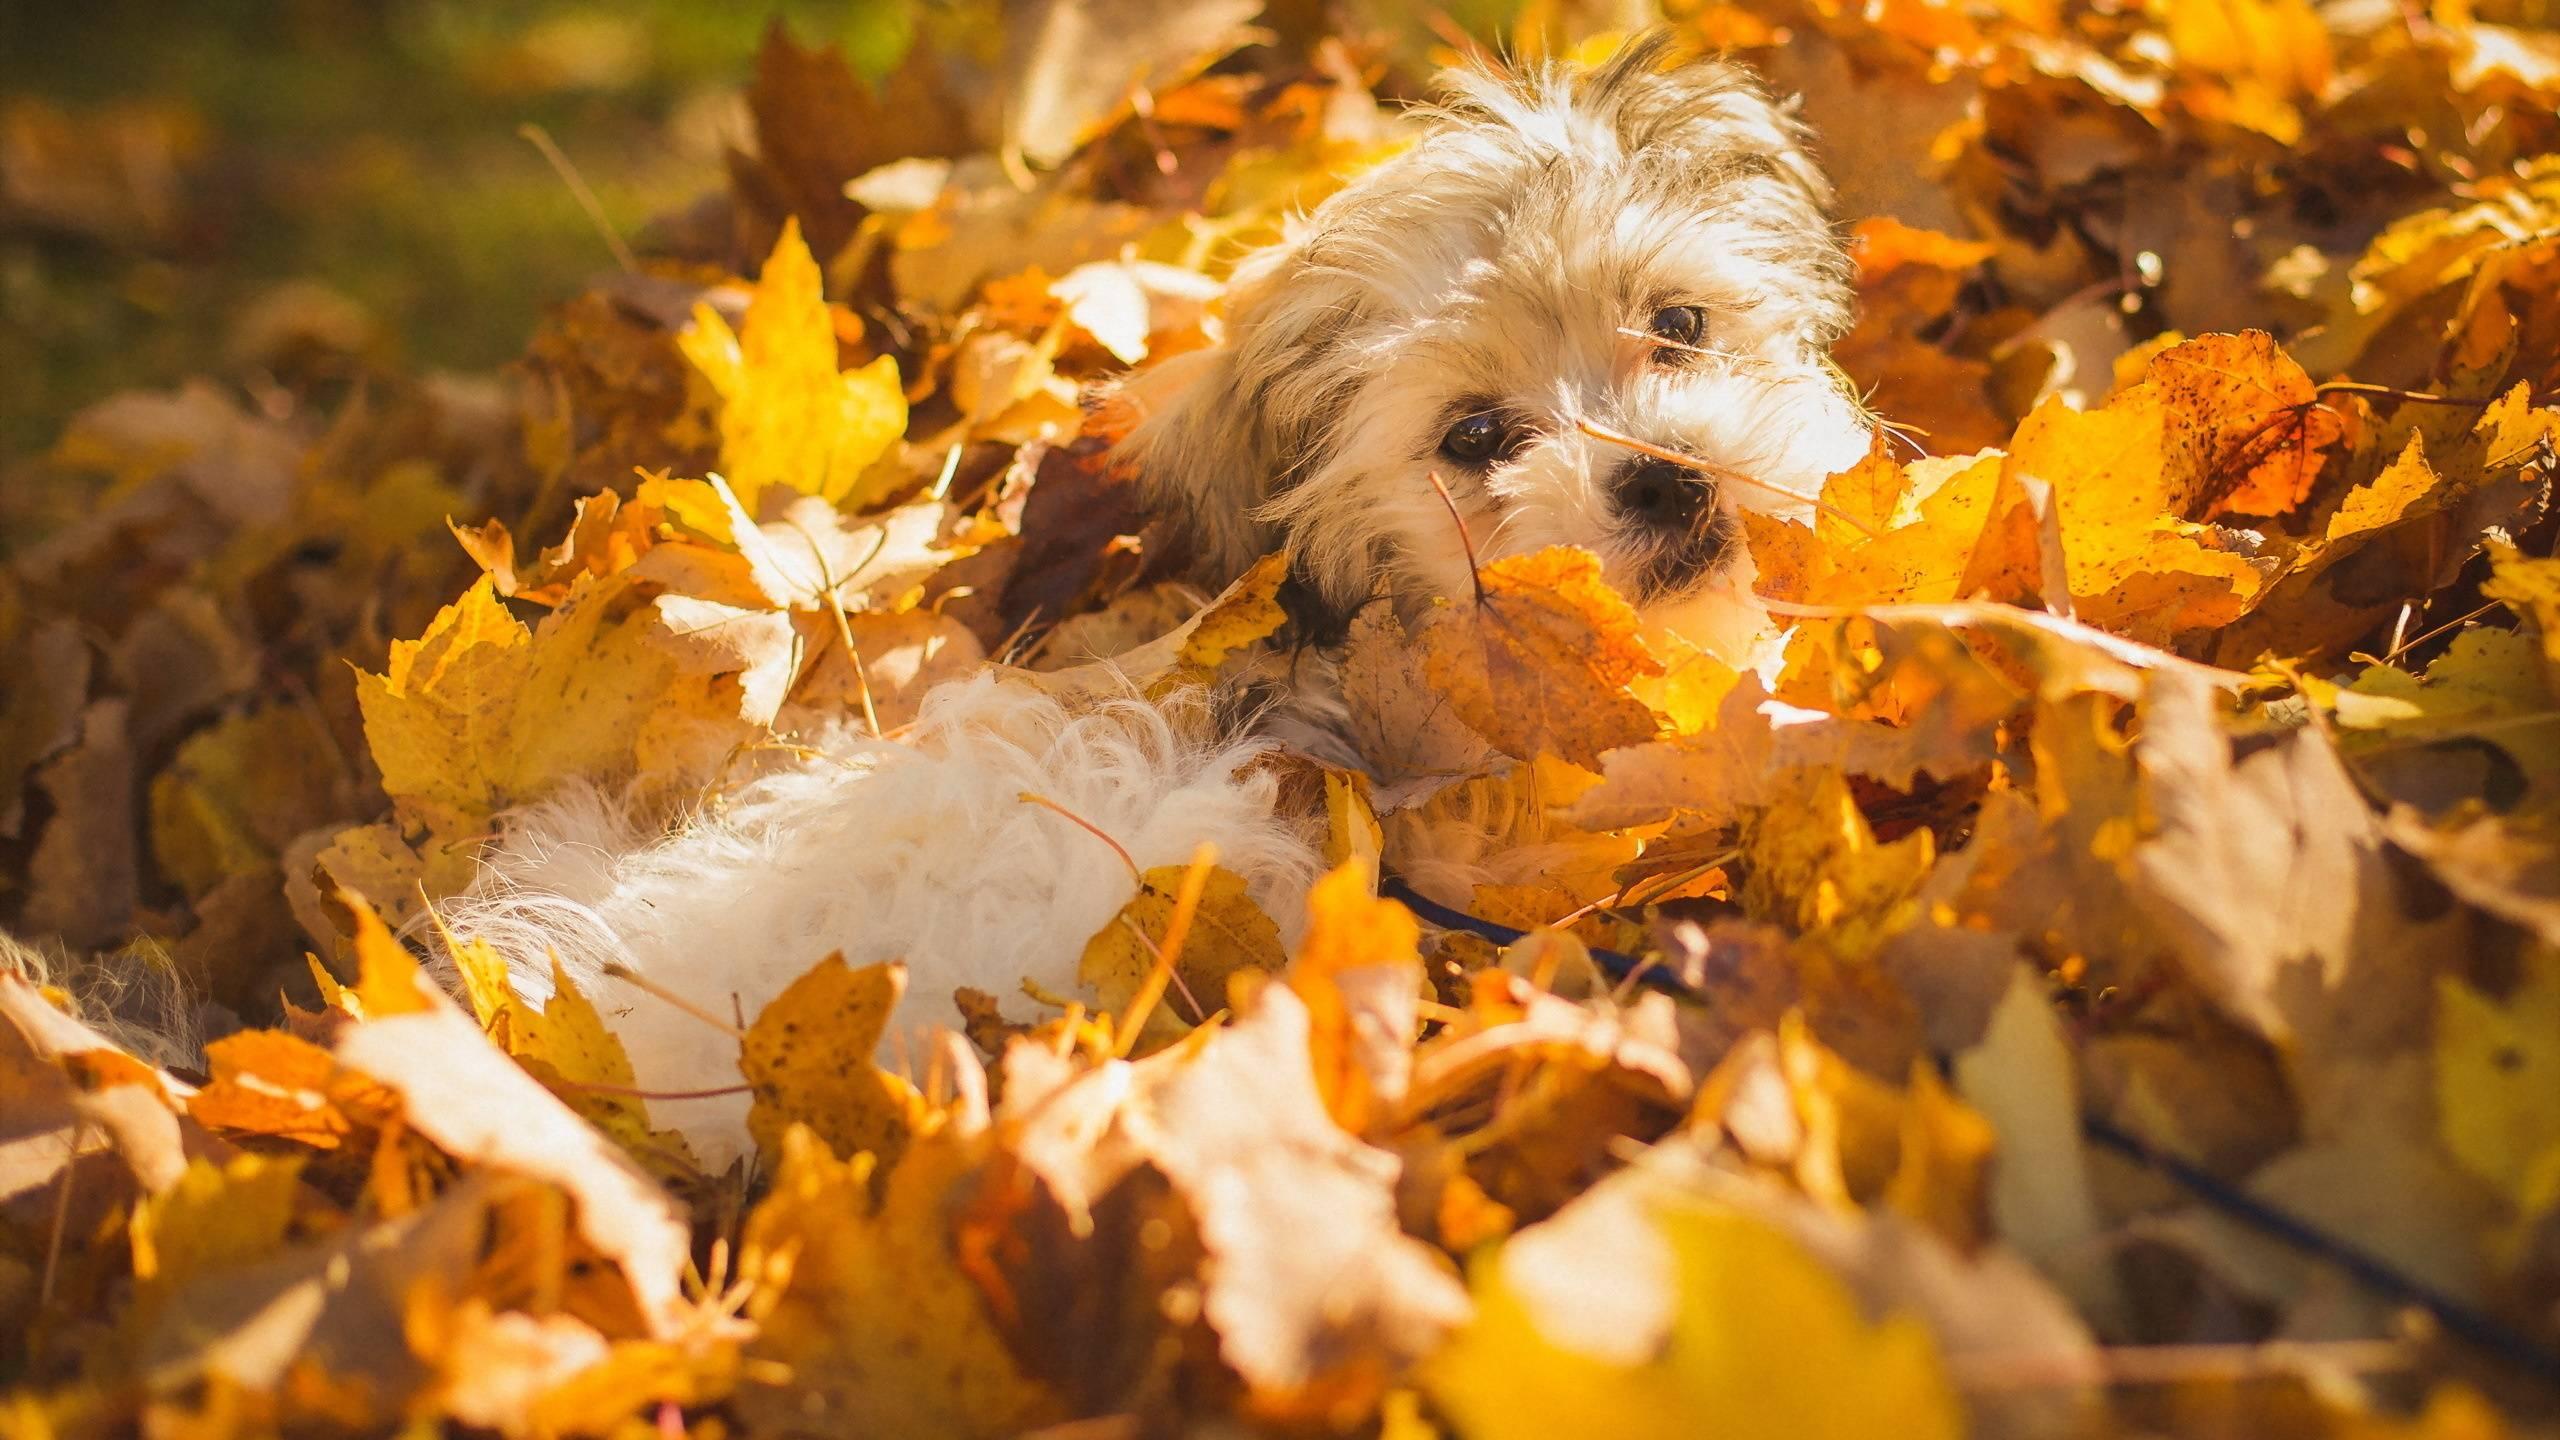 Обои собака, листопад, кленовые листья, осень